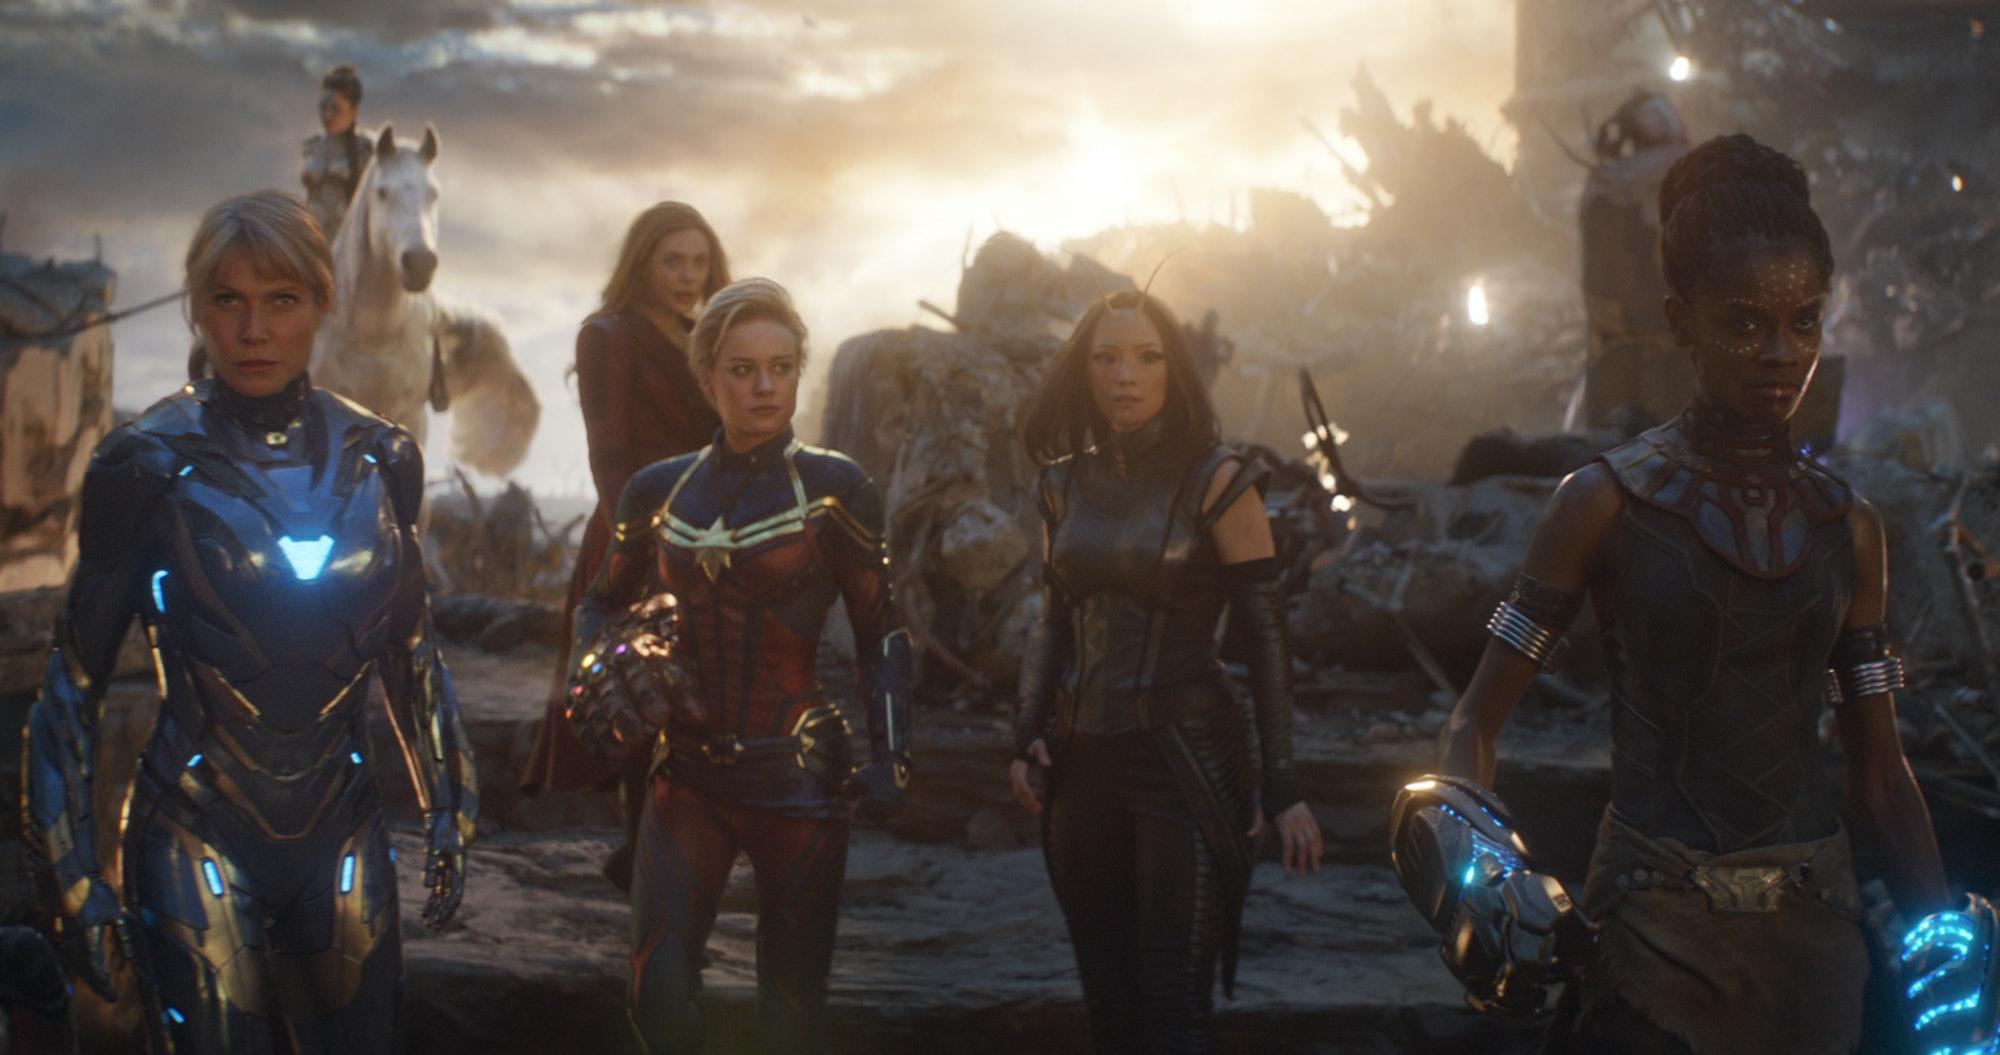 Captain Marvel Avengers Endgame